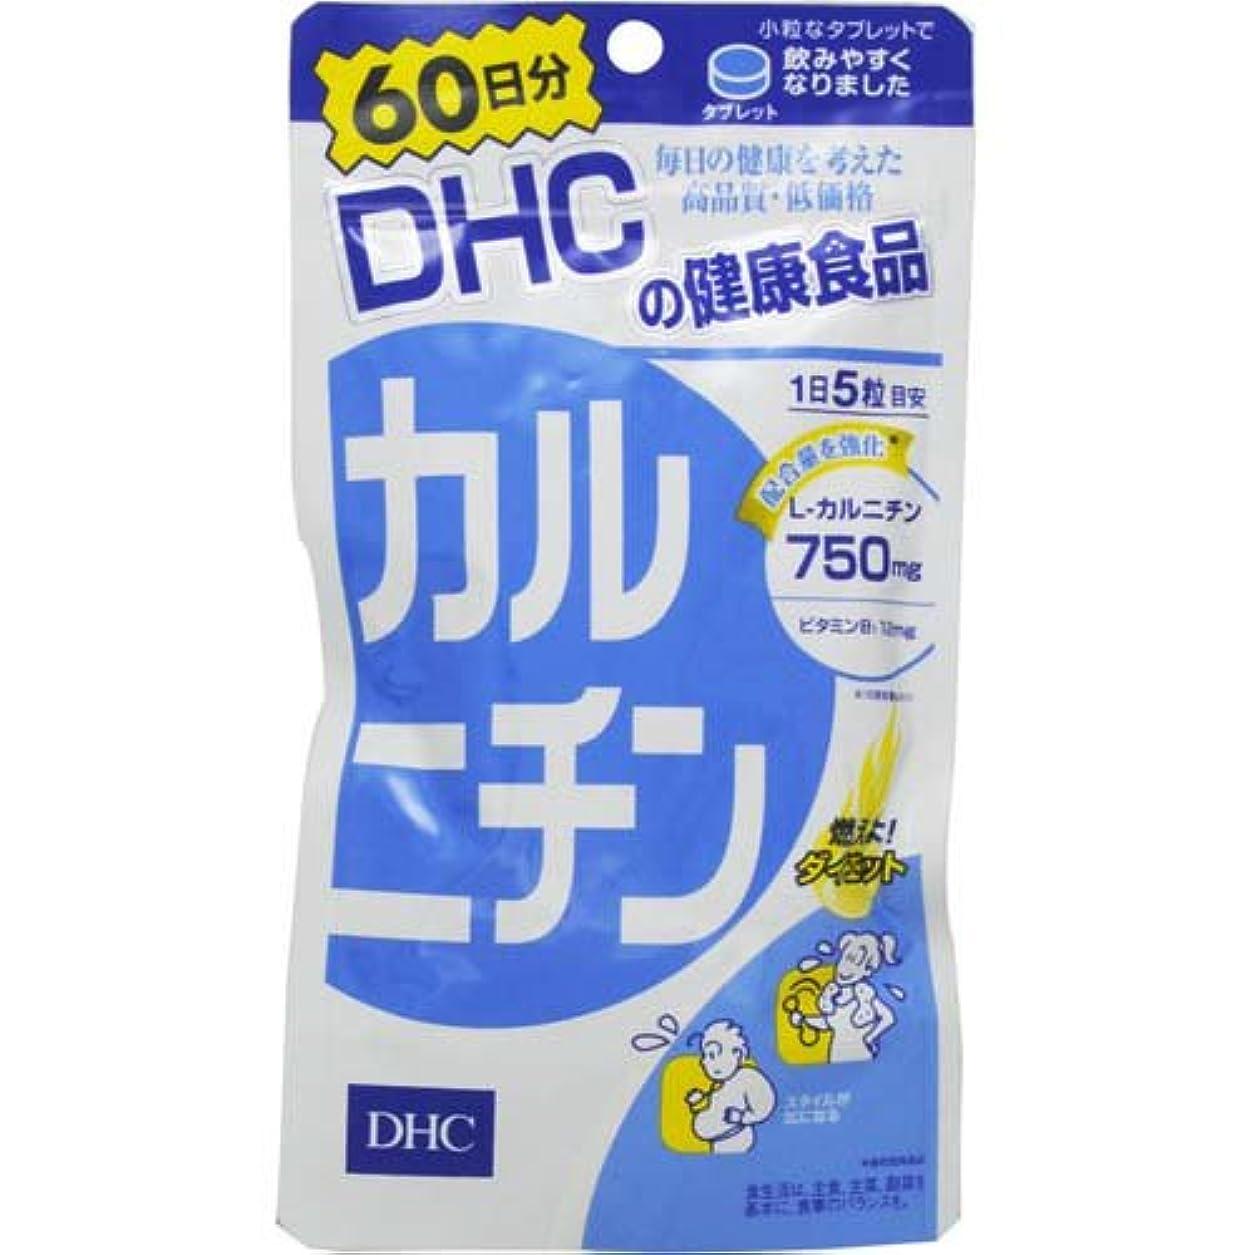 の間に心臓帰るDHC カルニチン 60日分 300粒